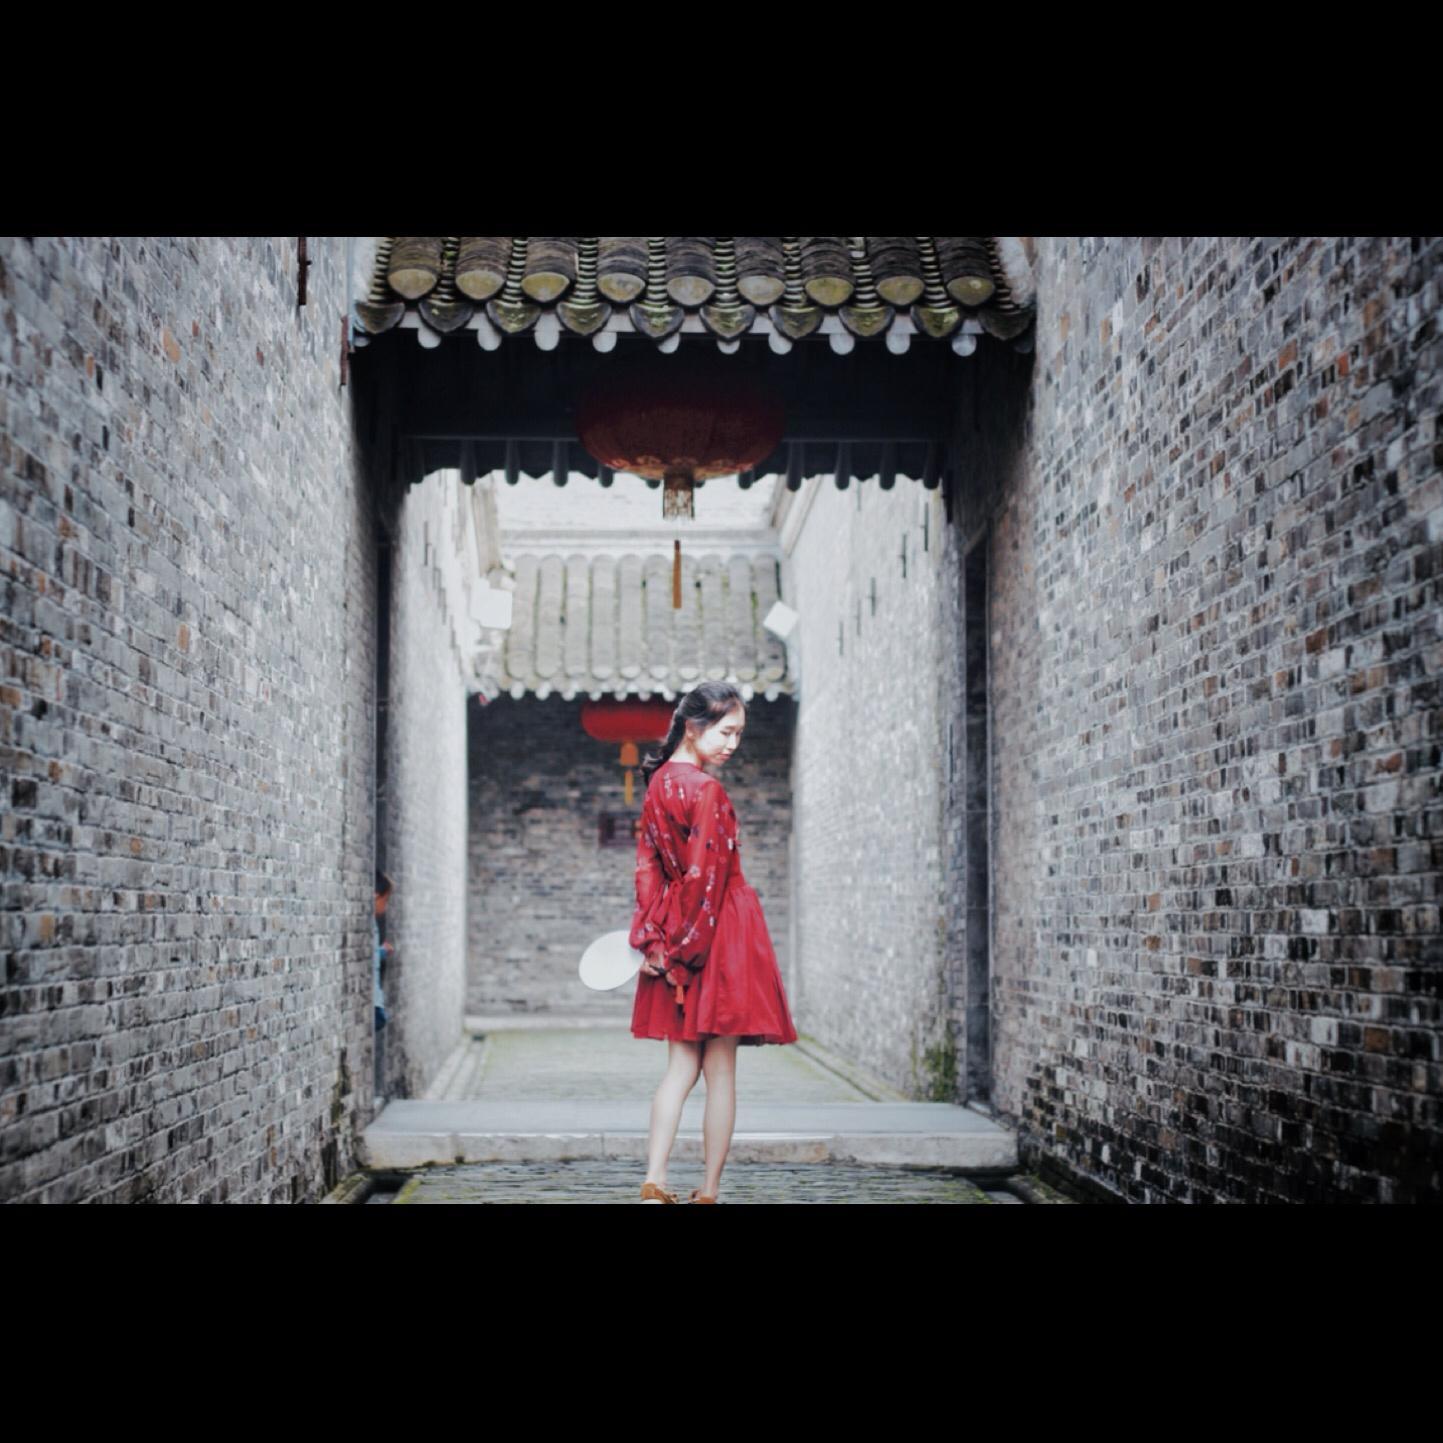 佛秀cp攻略游-扬州旅游攻略-游记-去哪儿路线尼亚加拉大瀑布攻略旅游图片